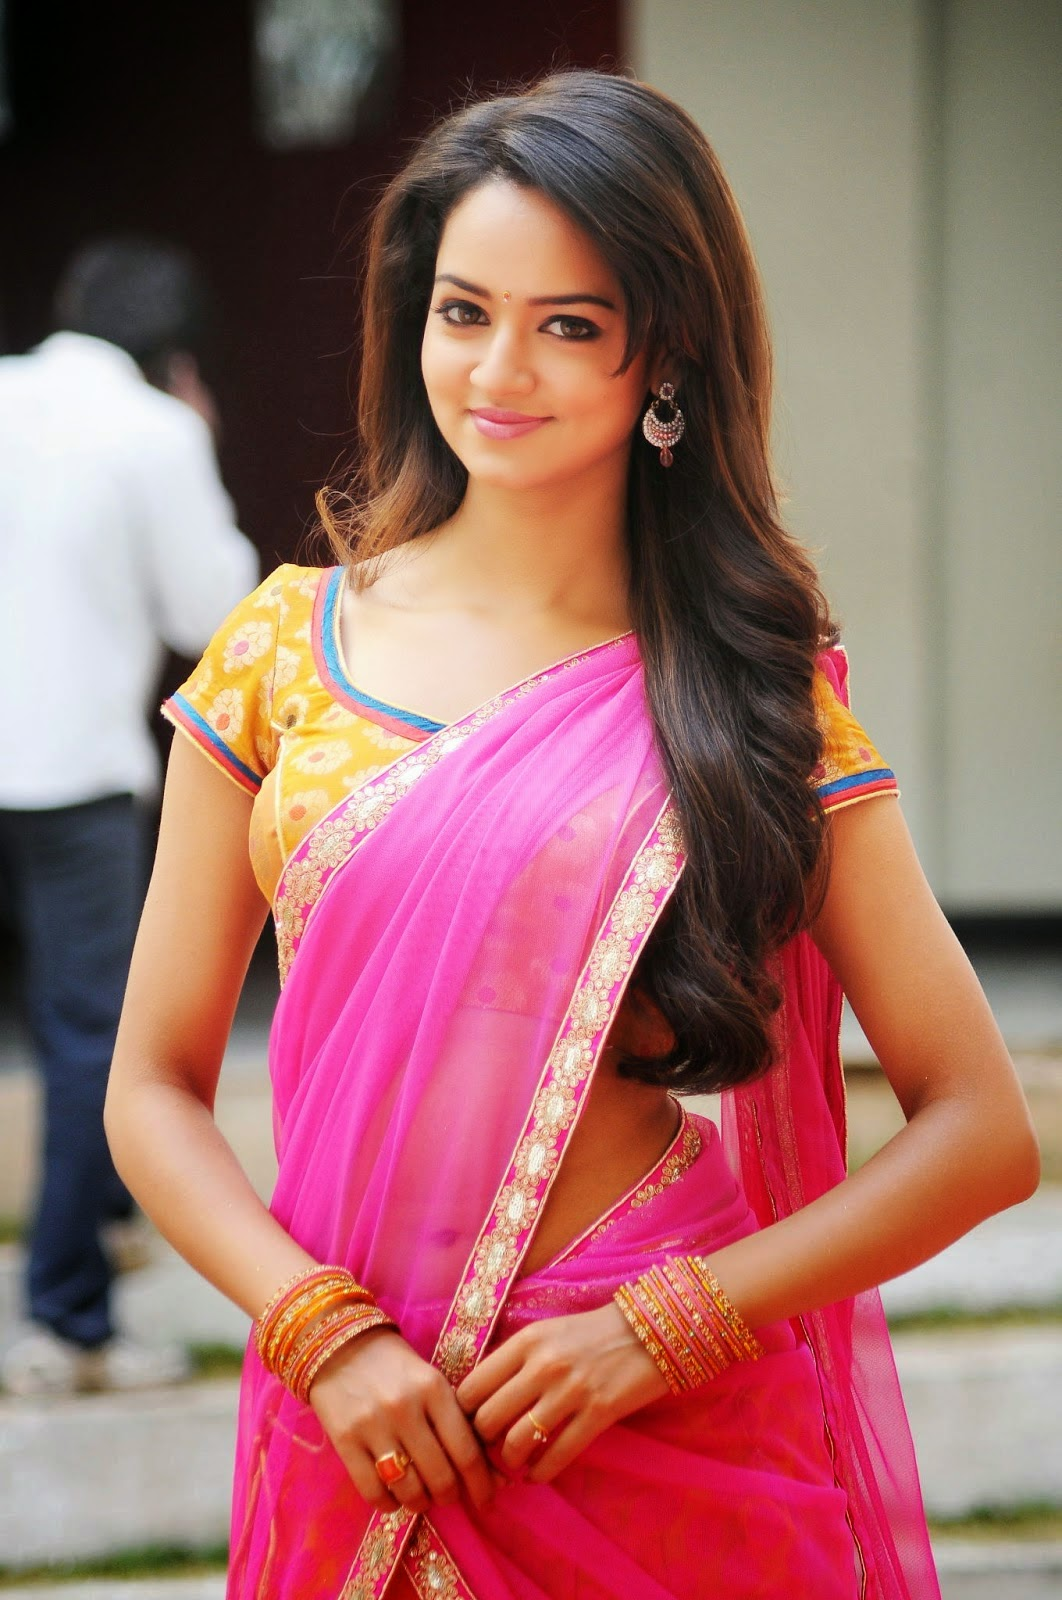 Apoorva Hot Navel Indian Actress Saree Below Navel Show